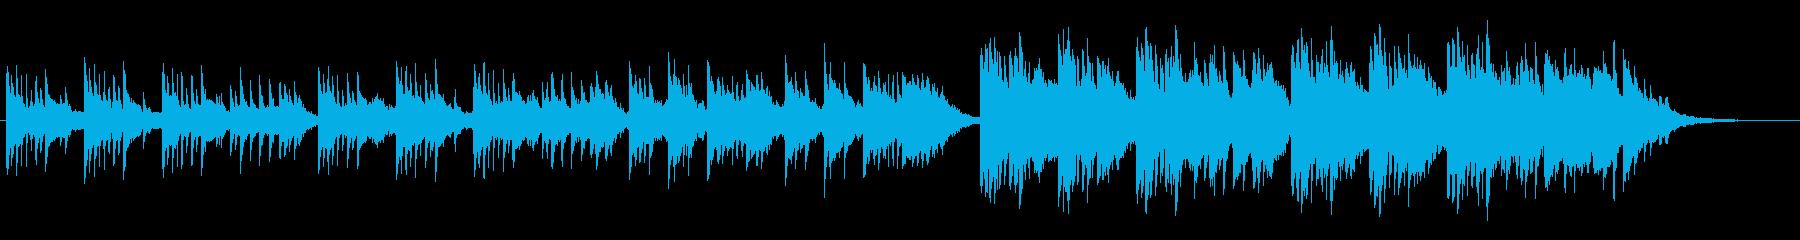 ピアノメインの切ない感じの曲の再生済みの波形